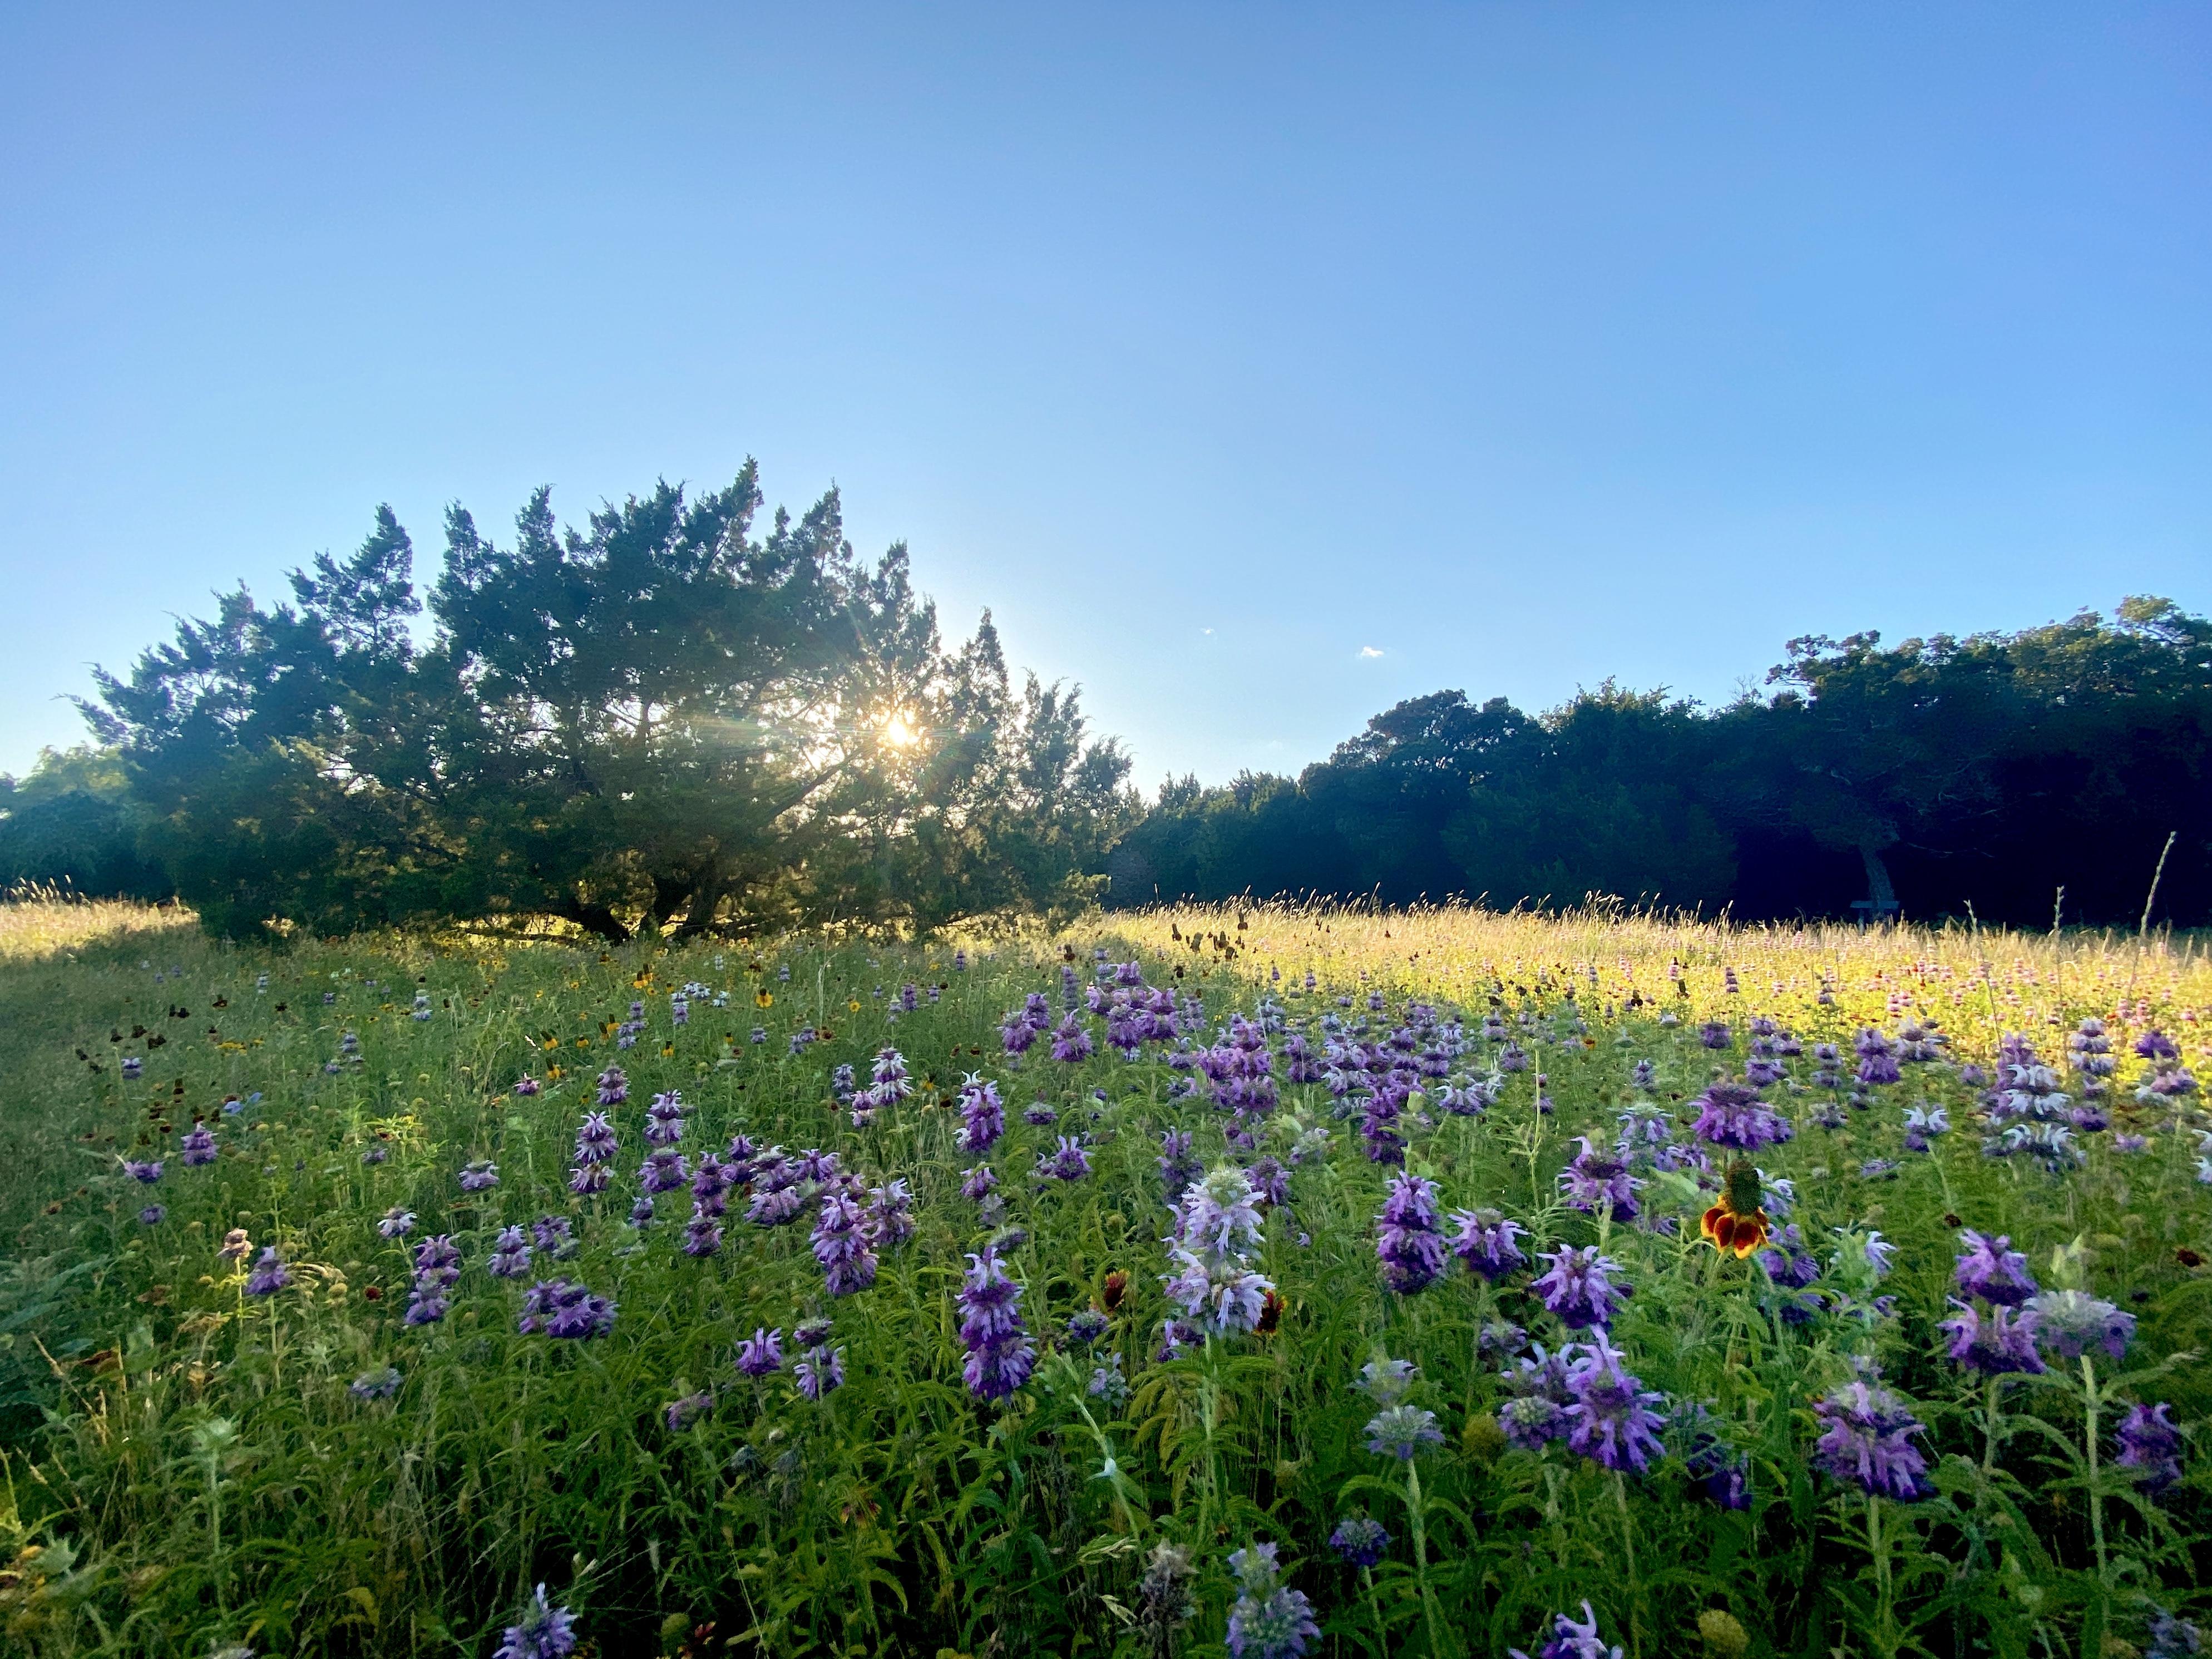 texas, sun shining, flowers blooming, birds singing